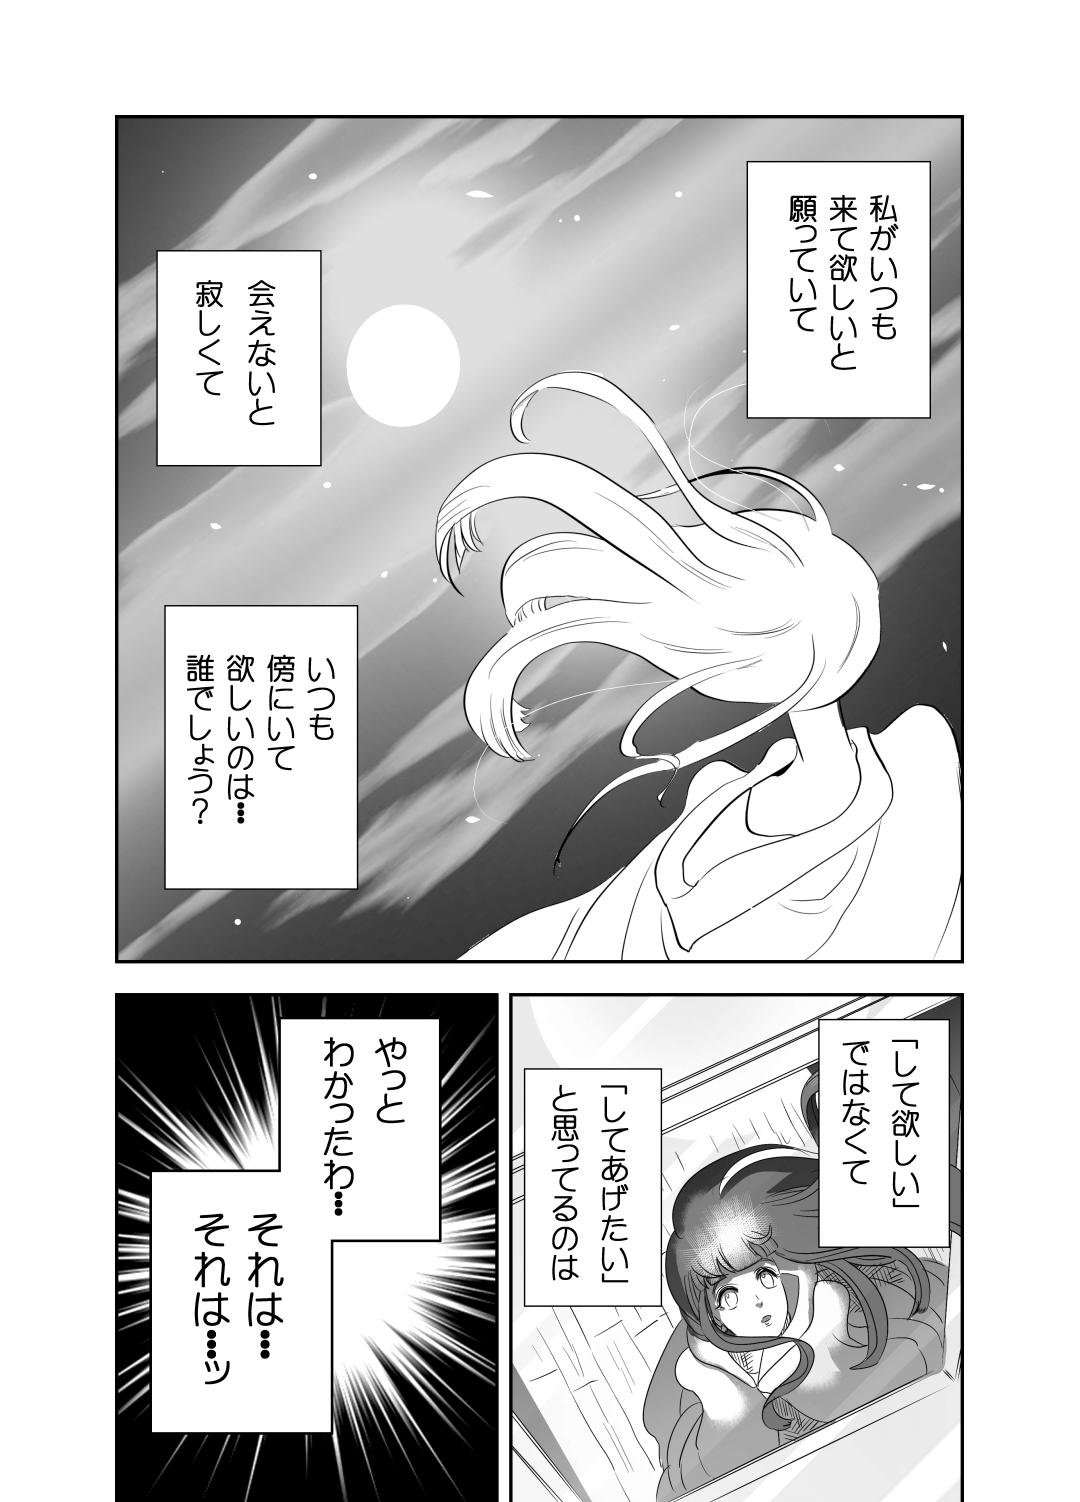 ヤサグレ魔女は人外にモテすぎて夜も眠れない0040-min